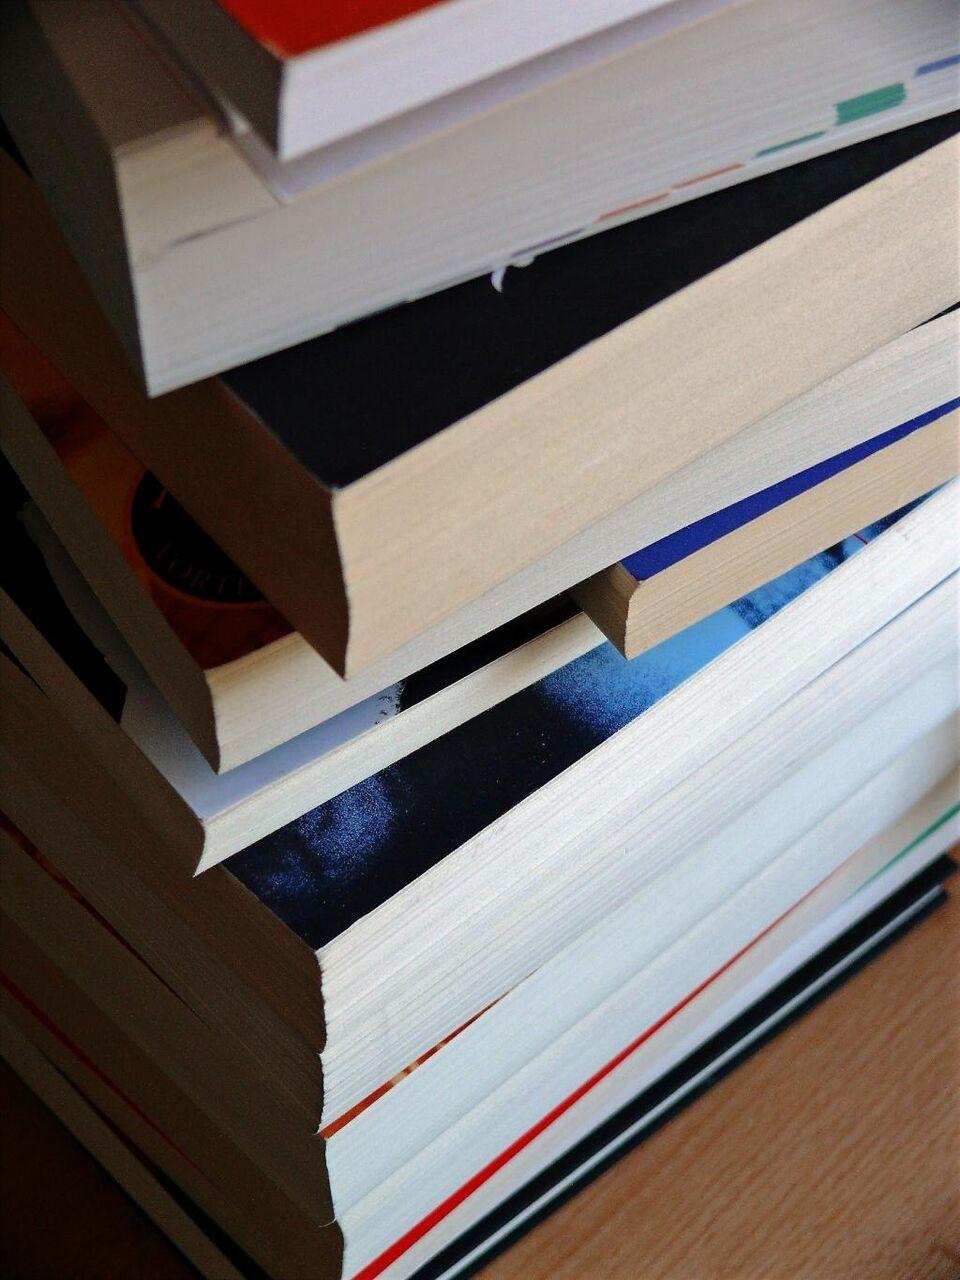 ブックス ブック団体 書籍 図書館 ブックシリーズ 脊柱絶景壁紙 本のコレクション 高精細画像 材料入力します 壁紙